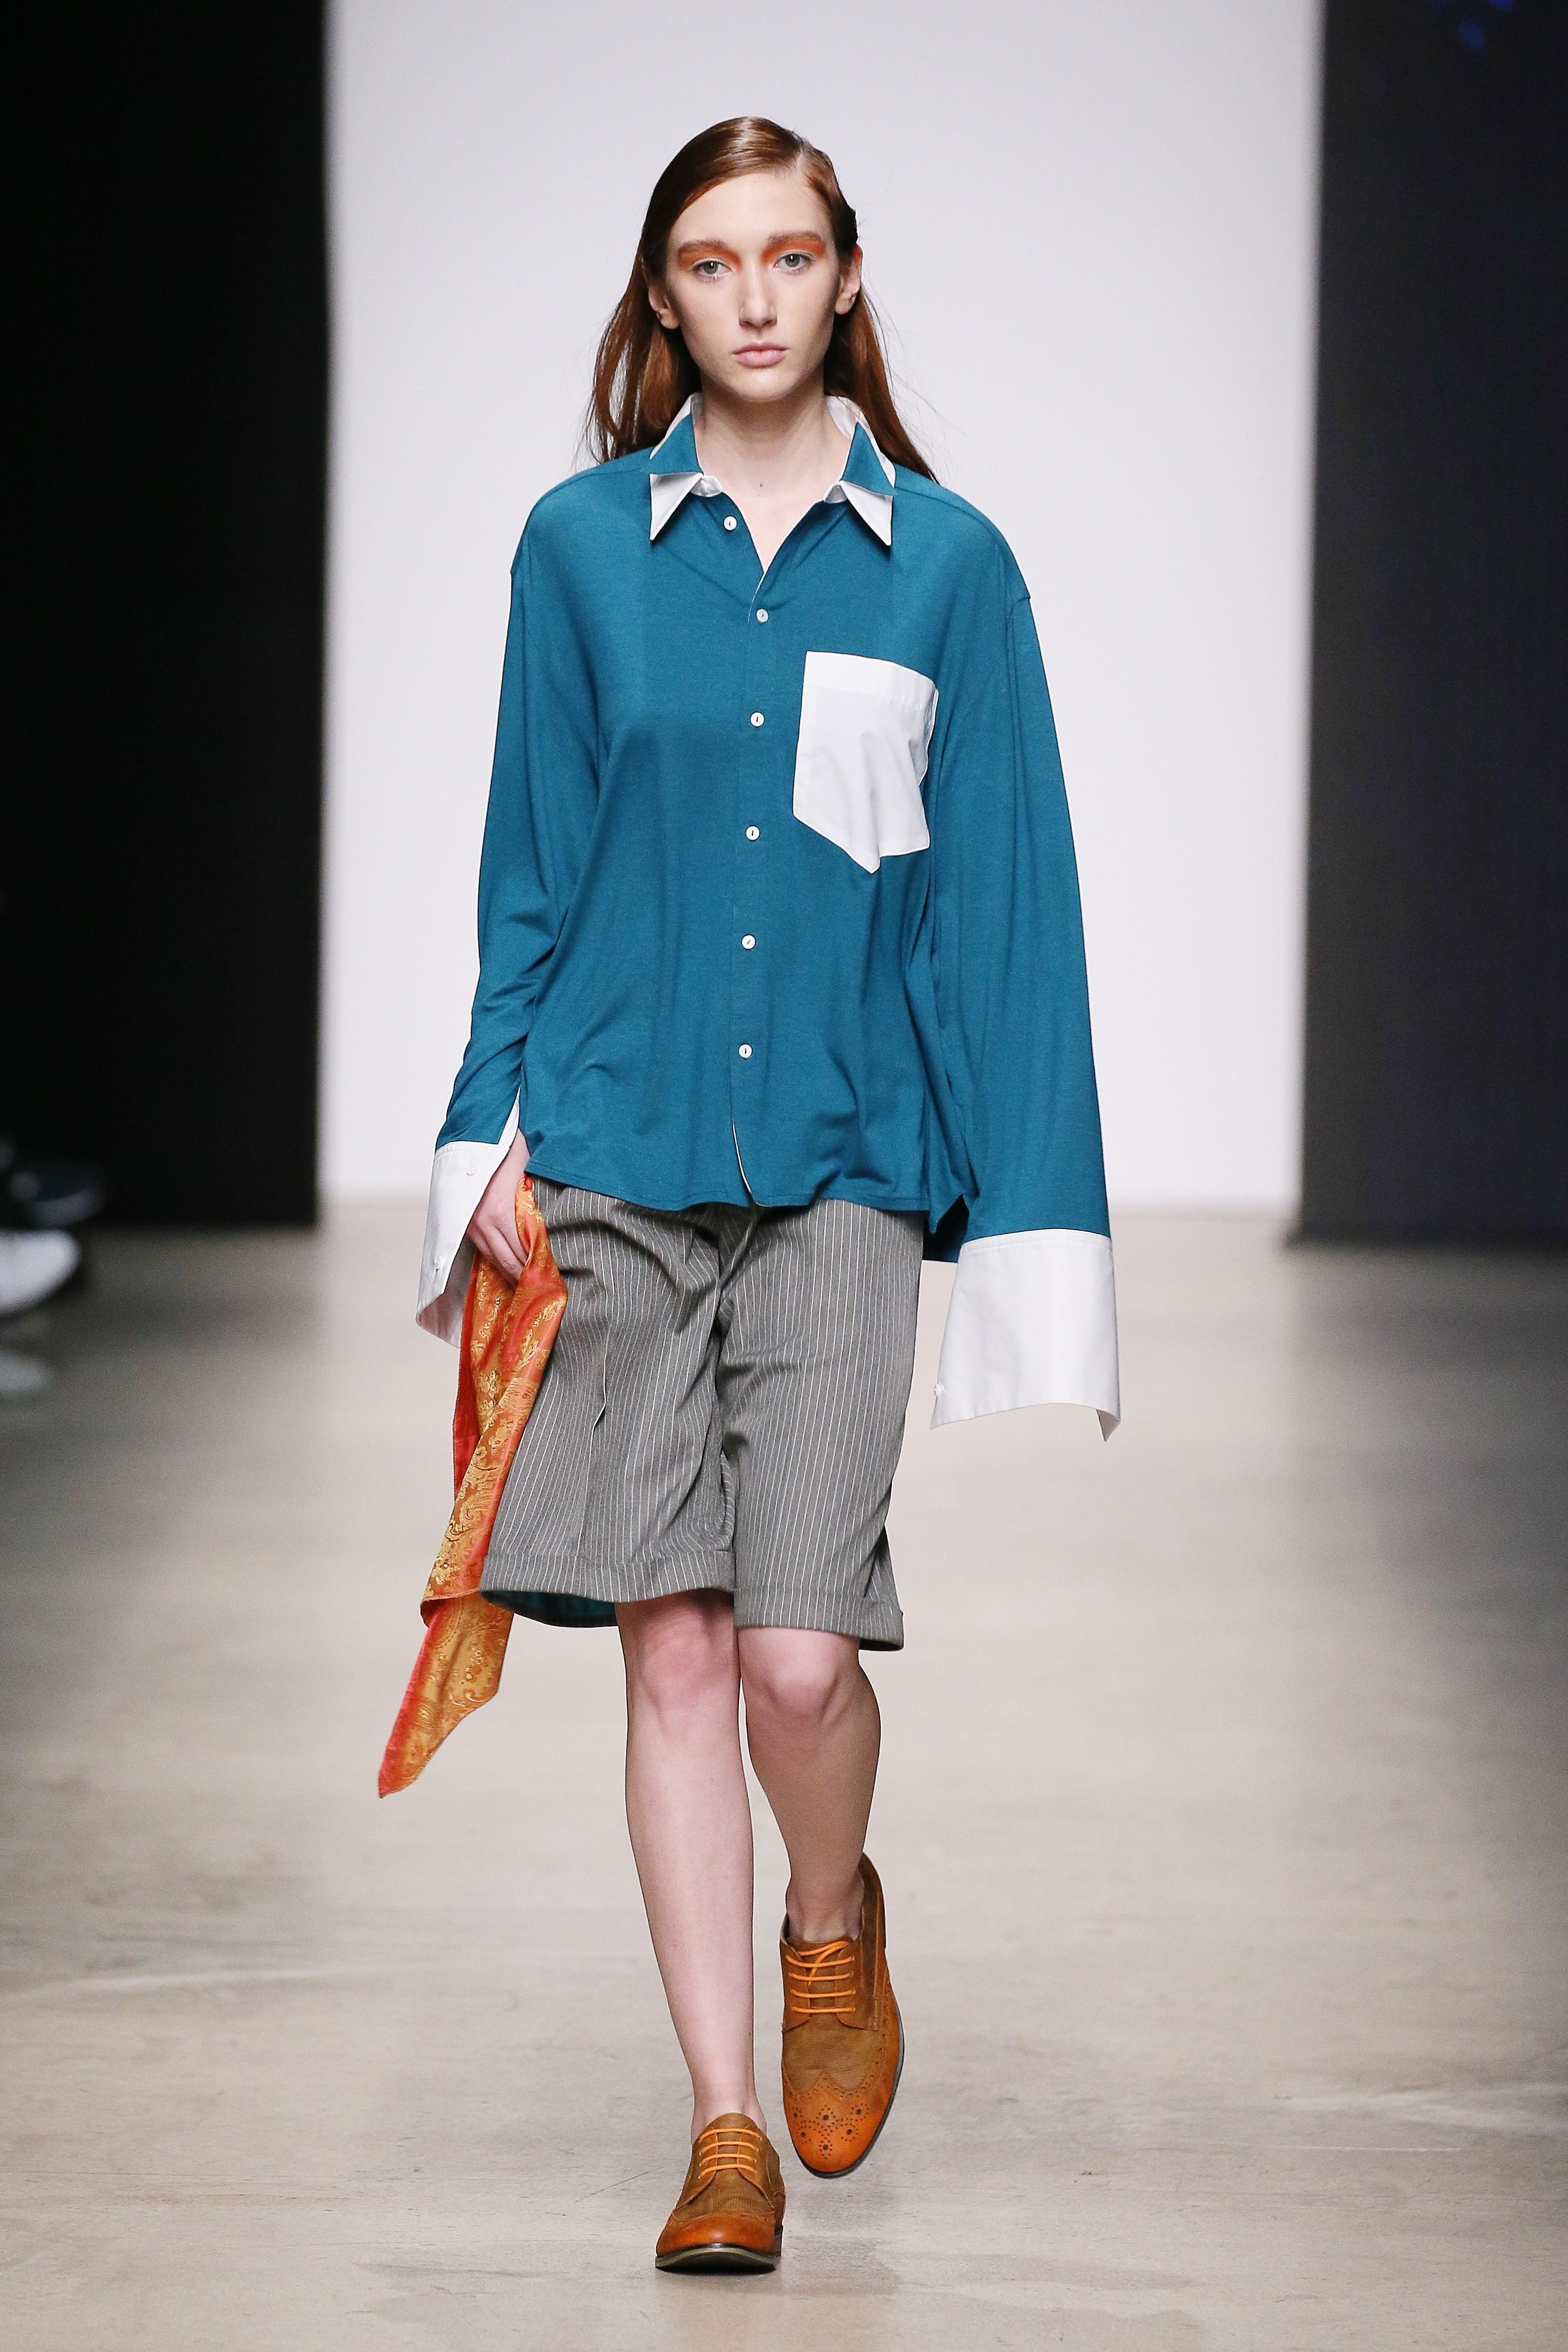 Первый день Mercedes-Benz Fashion Week открывал показ британского бренда Harriet Eccleston. Основную часть коллекции составляли рубашки с утрированно длинными рукавами и контрастными накл...